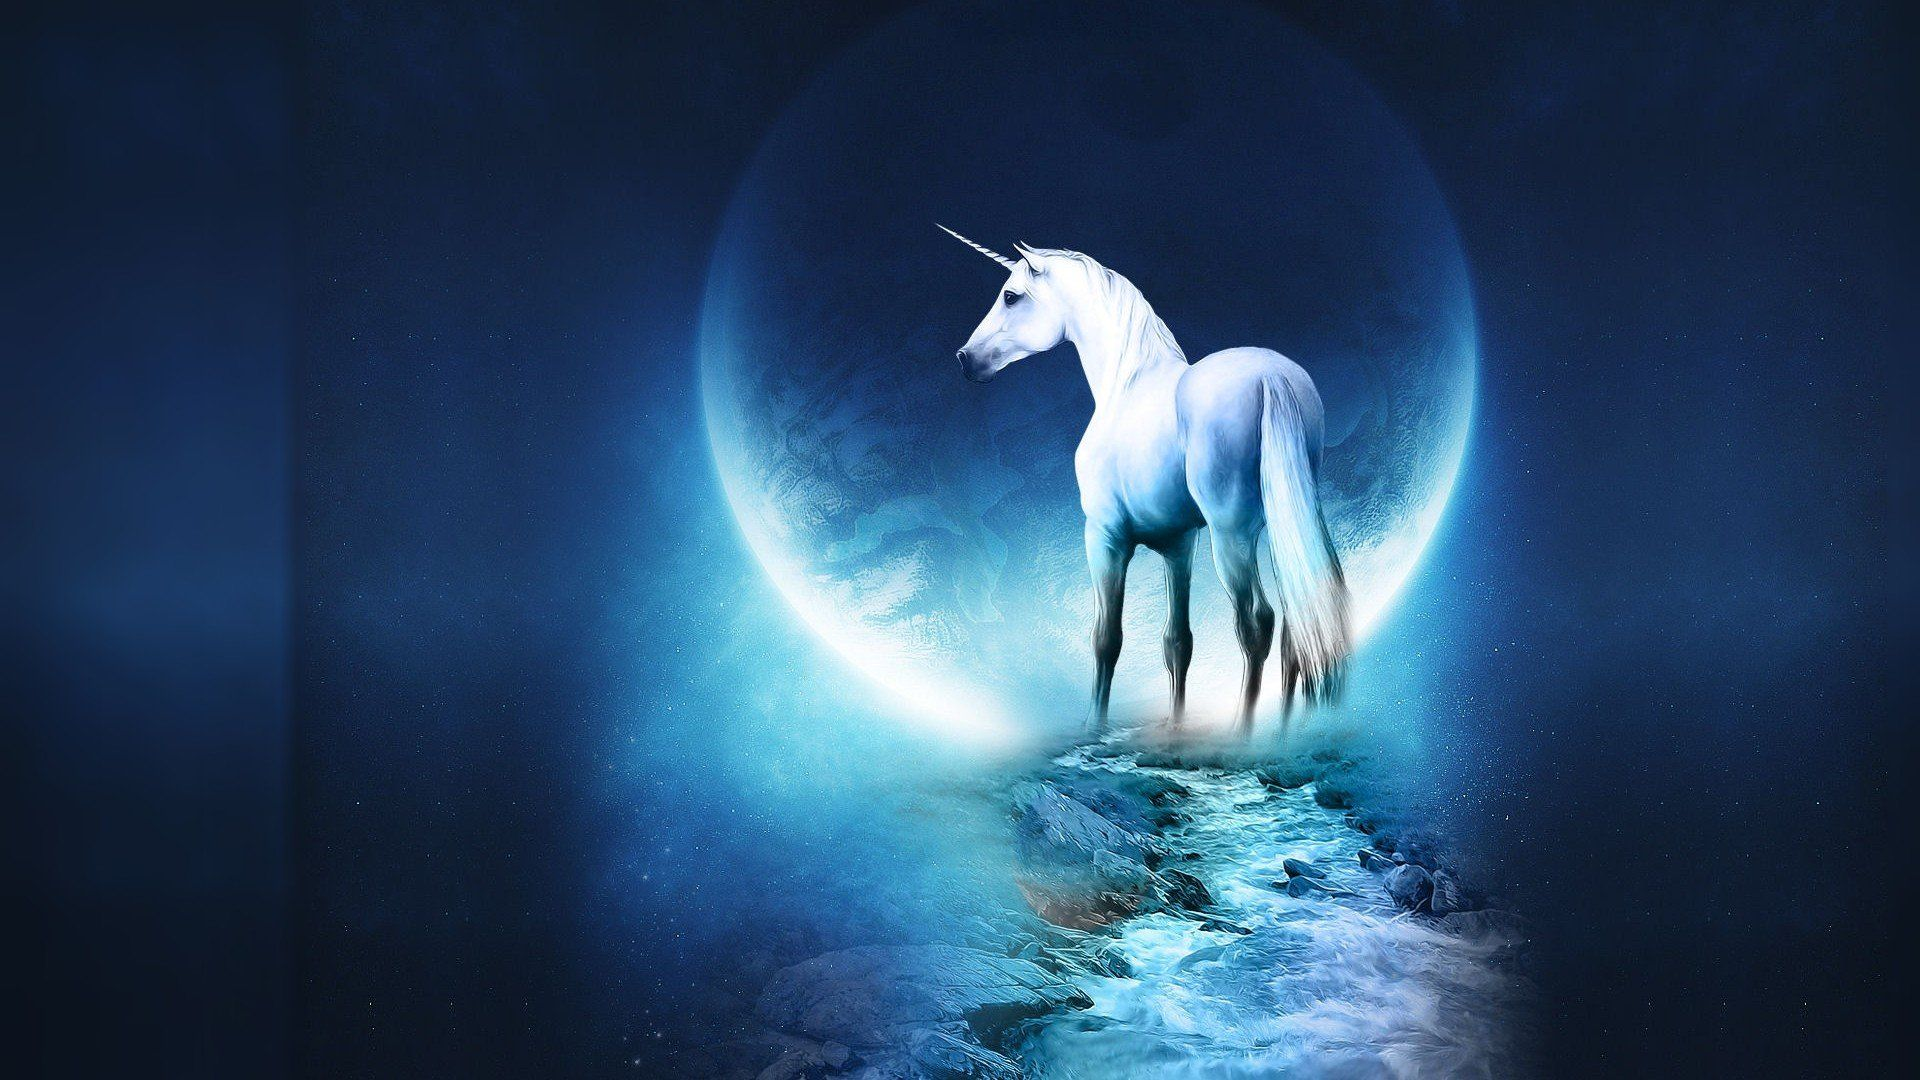 Cool Wallpaper Horse Lightning - da75417182a9815b2ff23764c3dea7a1  Trends_759834.jpg